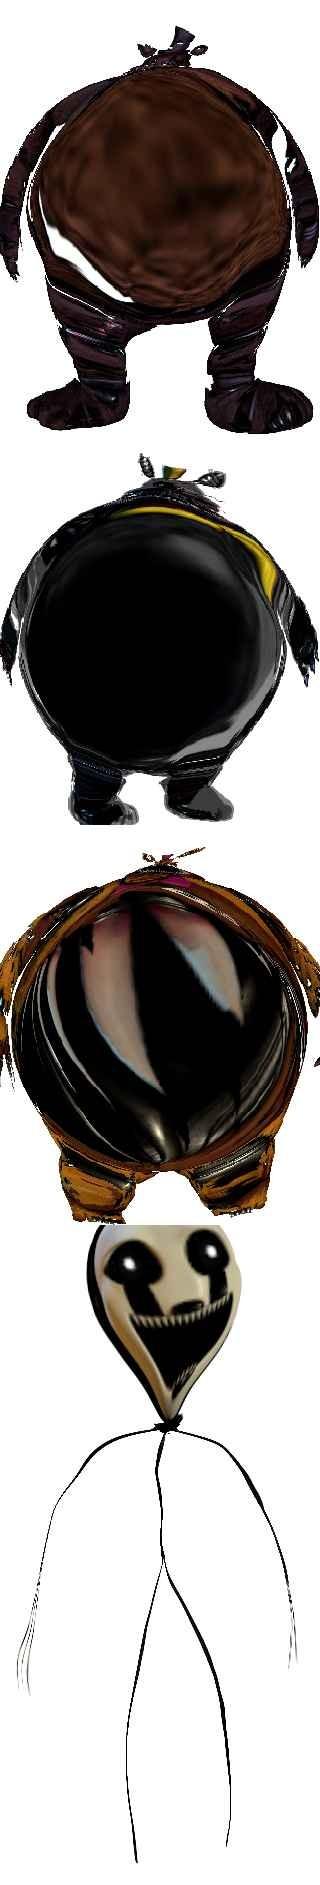 Cursed nightmares. Fnaf cursed comp 1 | Krew_Cult | Digital Drawing | PENUP